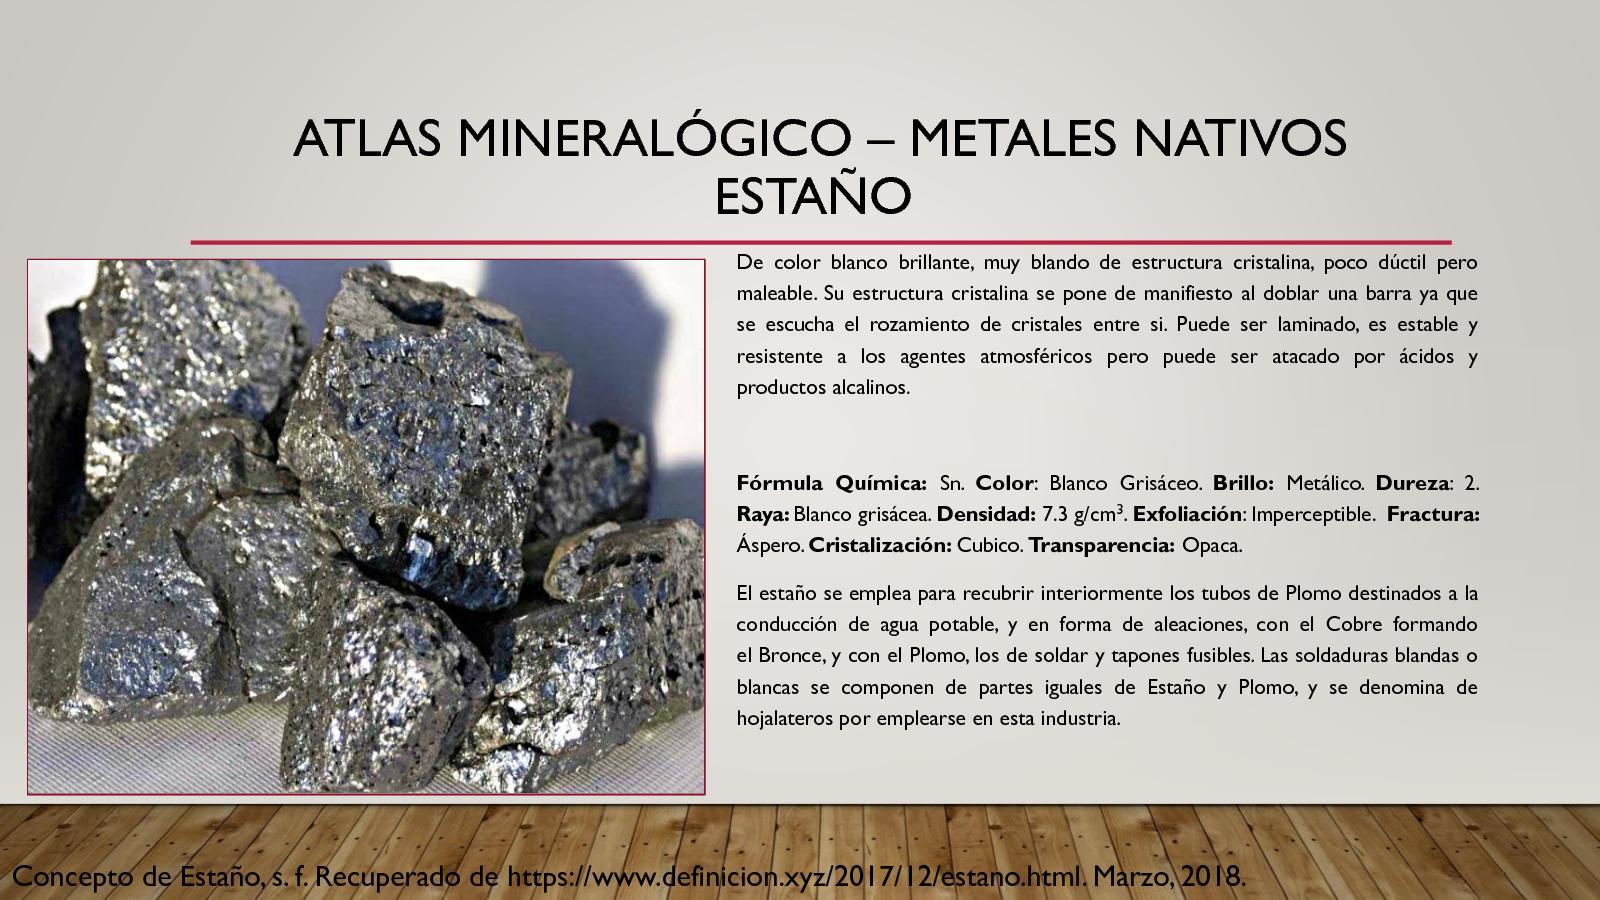 Atlas Mineralógico Ambiental Calameo Downloader